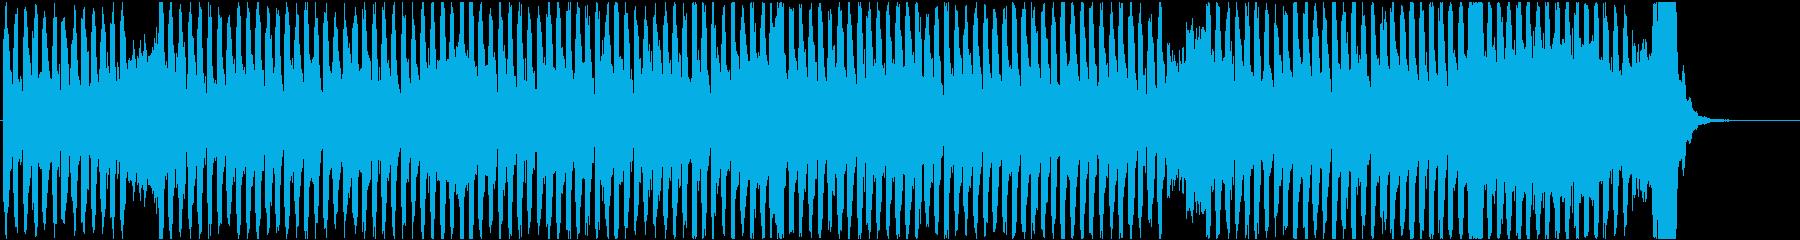 クラシック「愛の挨拶」のEDMアレンジの再生済みの波形